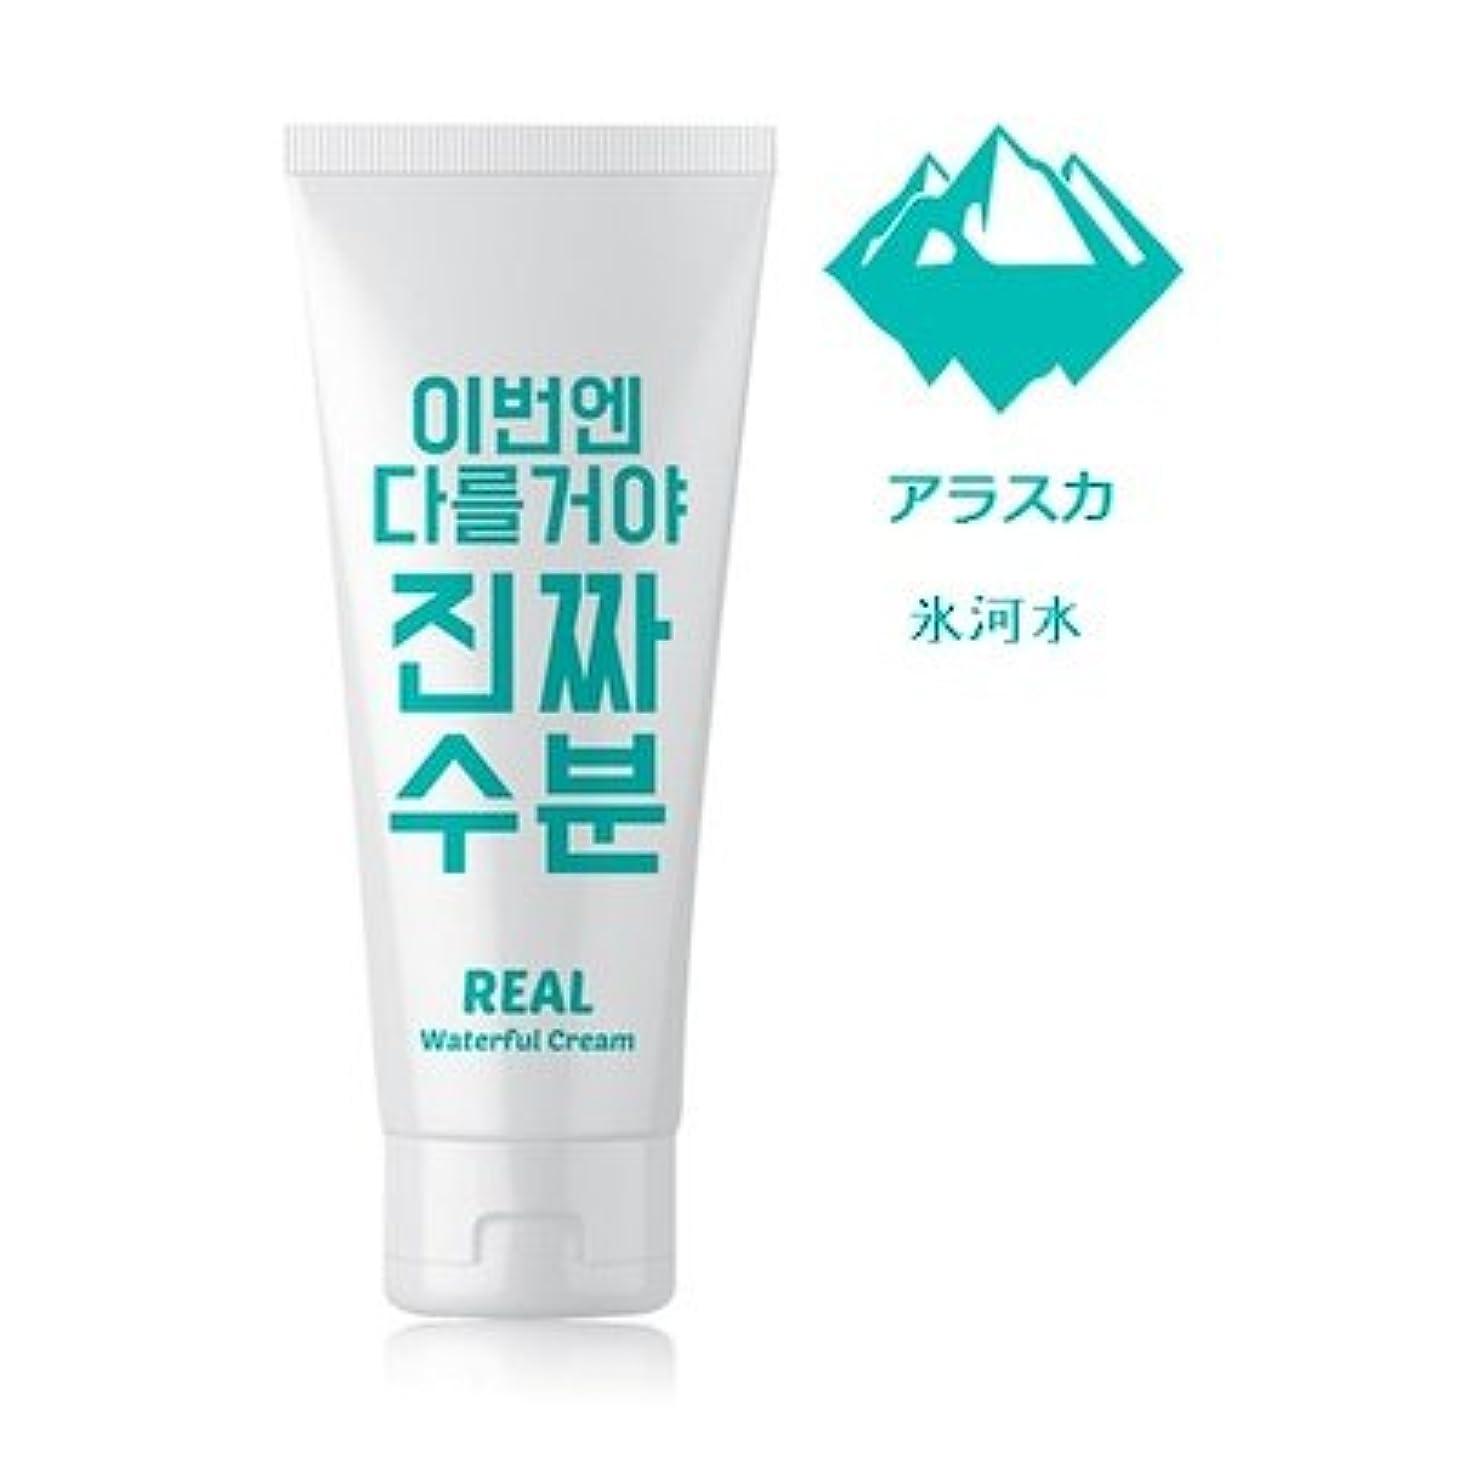 調停するメトロポリタンドラフトJaminkyung Real Waterful Cream/孜民耕 [ジャミンギョン] 今度は違うぞ本当の水分クリーム 200ml [並行輸入品]